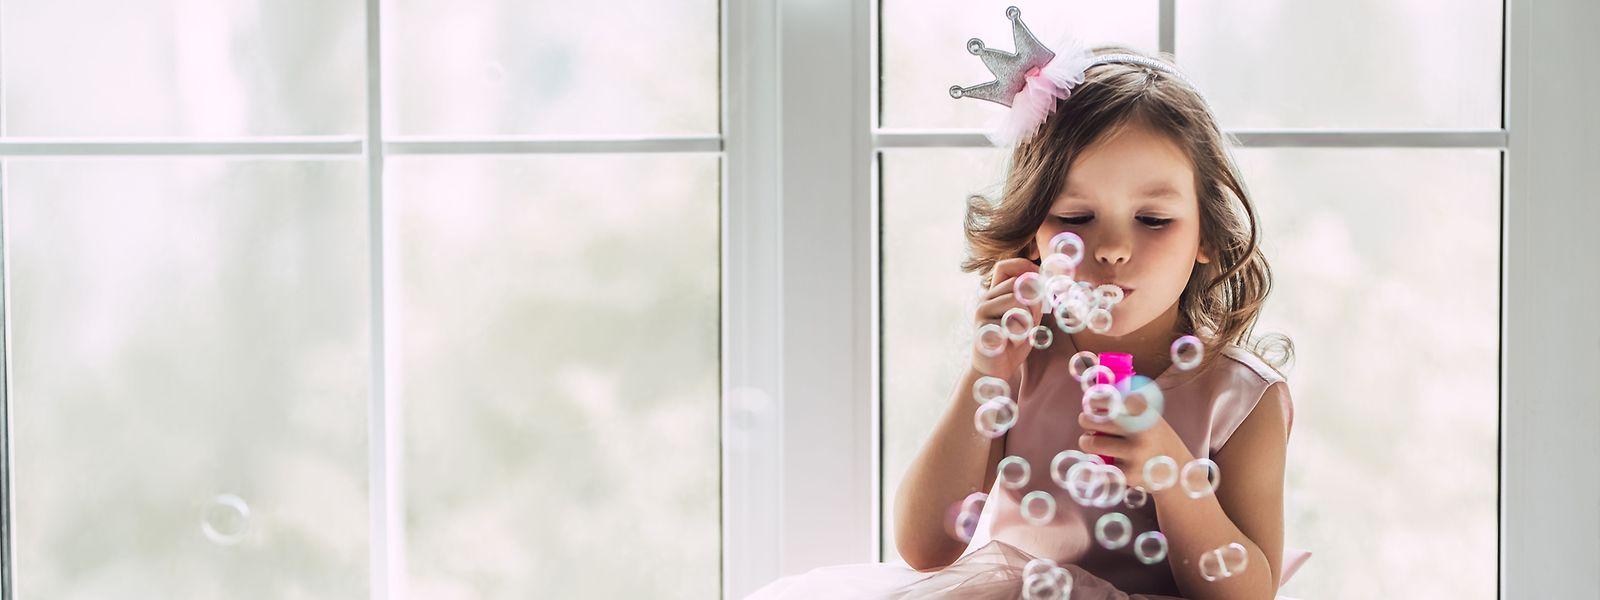 Typisch Mädchen? Dem Prinzessinnenlook sollte ein Ausgleich geboten werden.